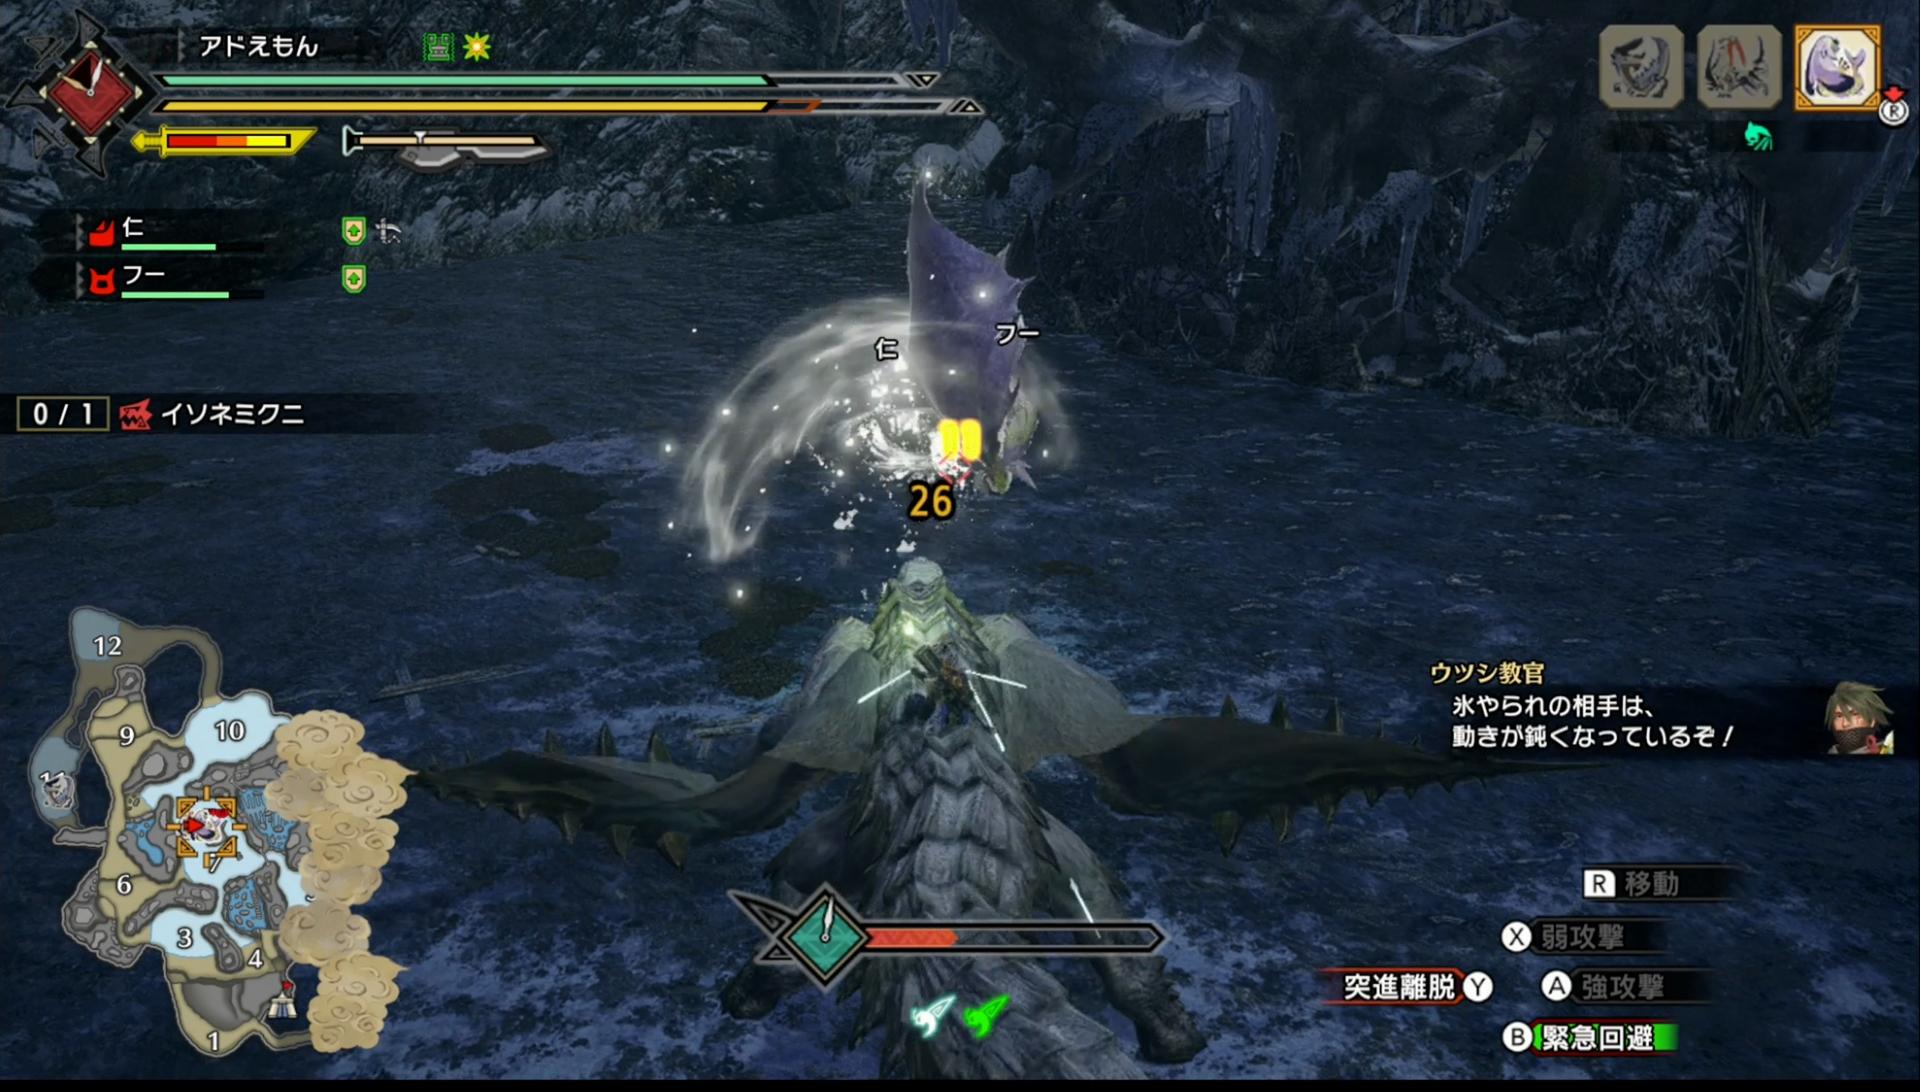 「操竜」するとモンスターを自由に動かし攻撃を行なえる。別の大型モンスターとぶつけて狩りを有利に進めよう